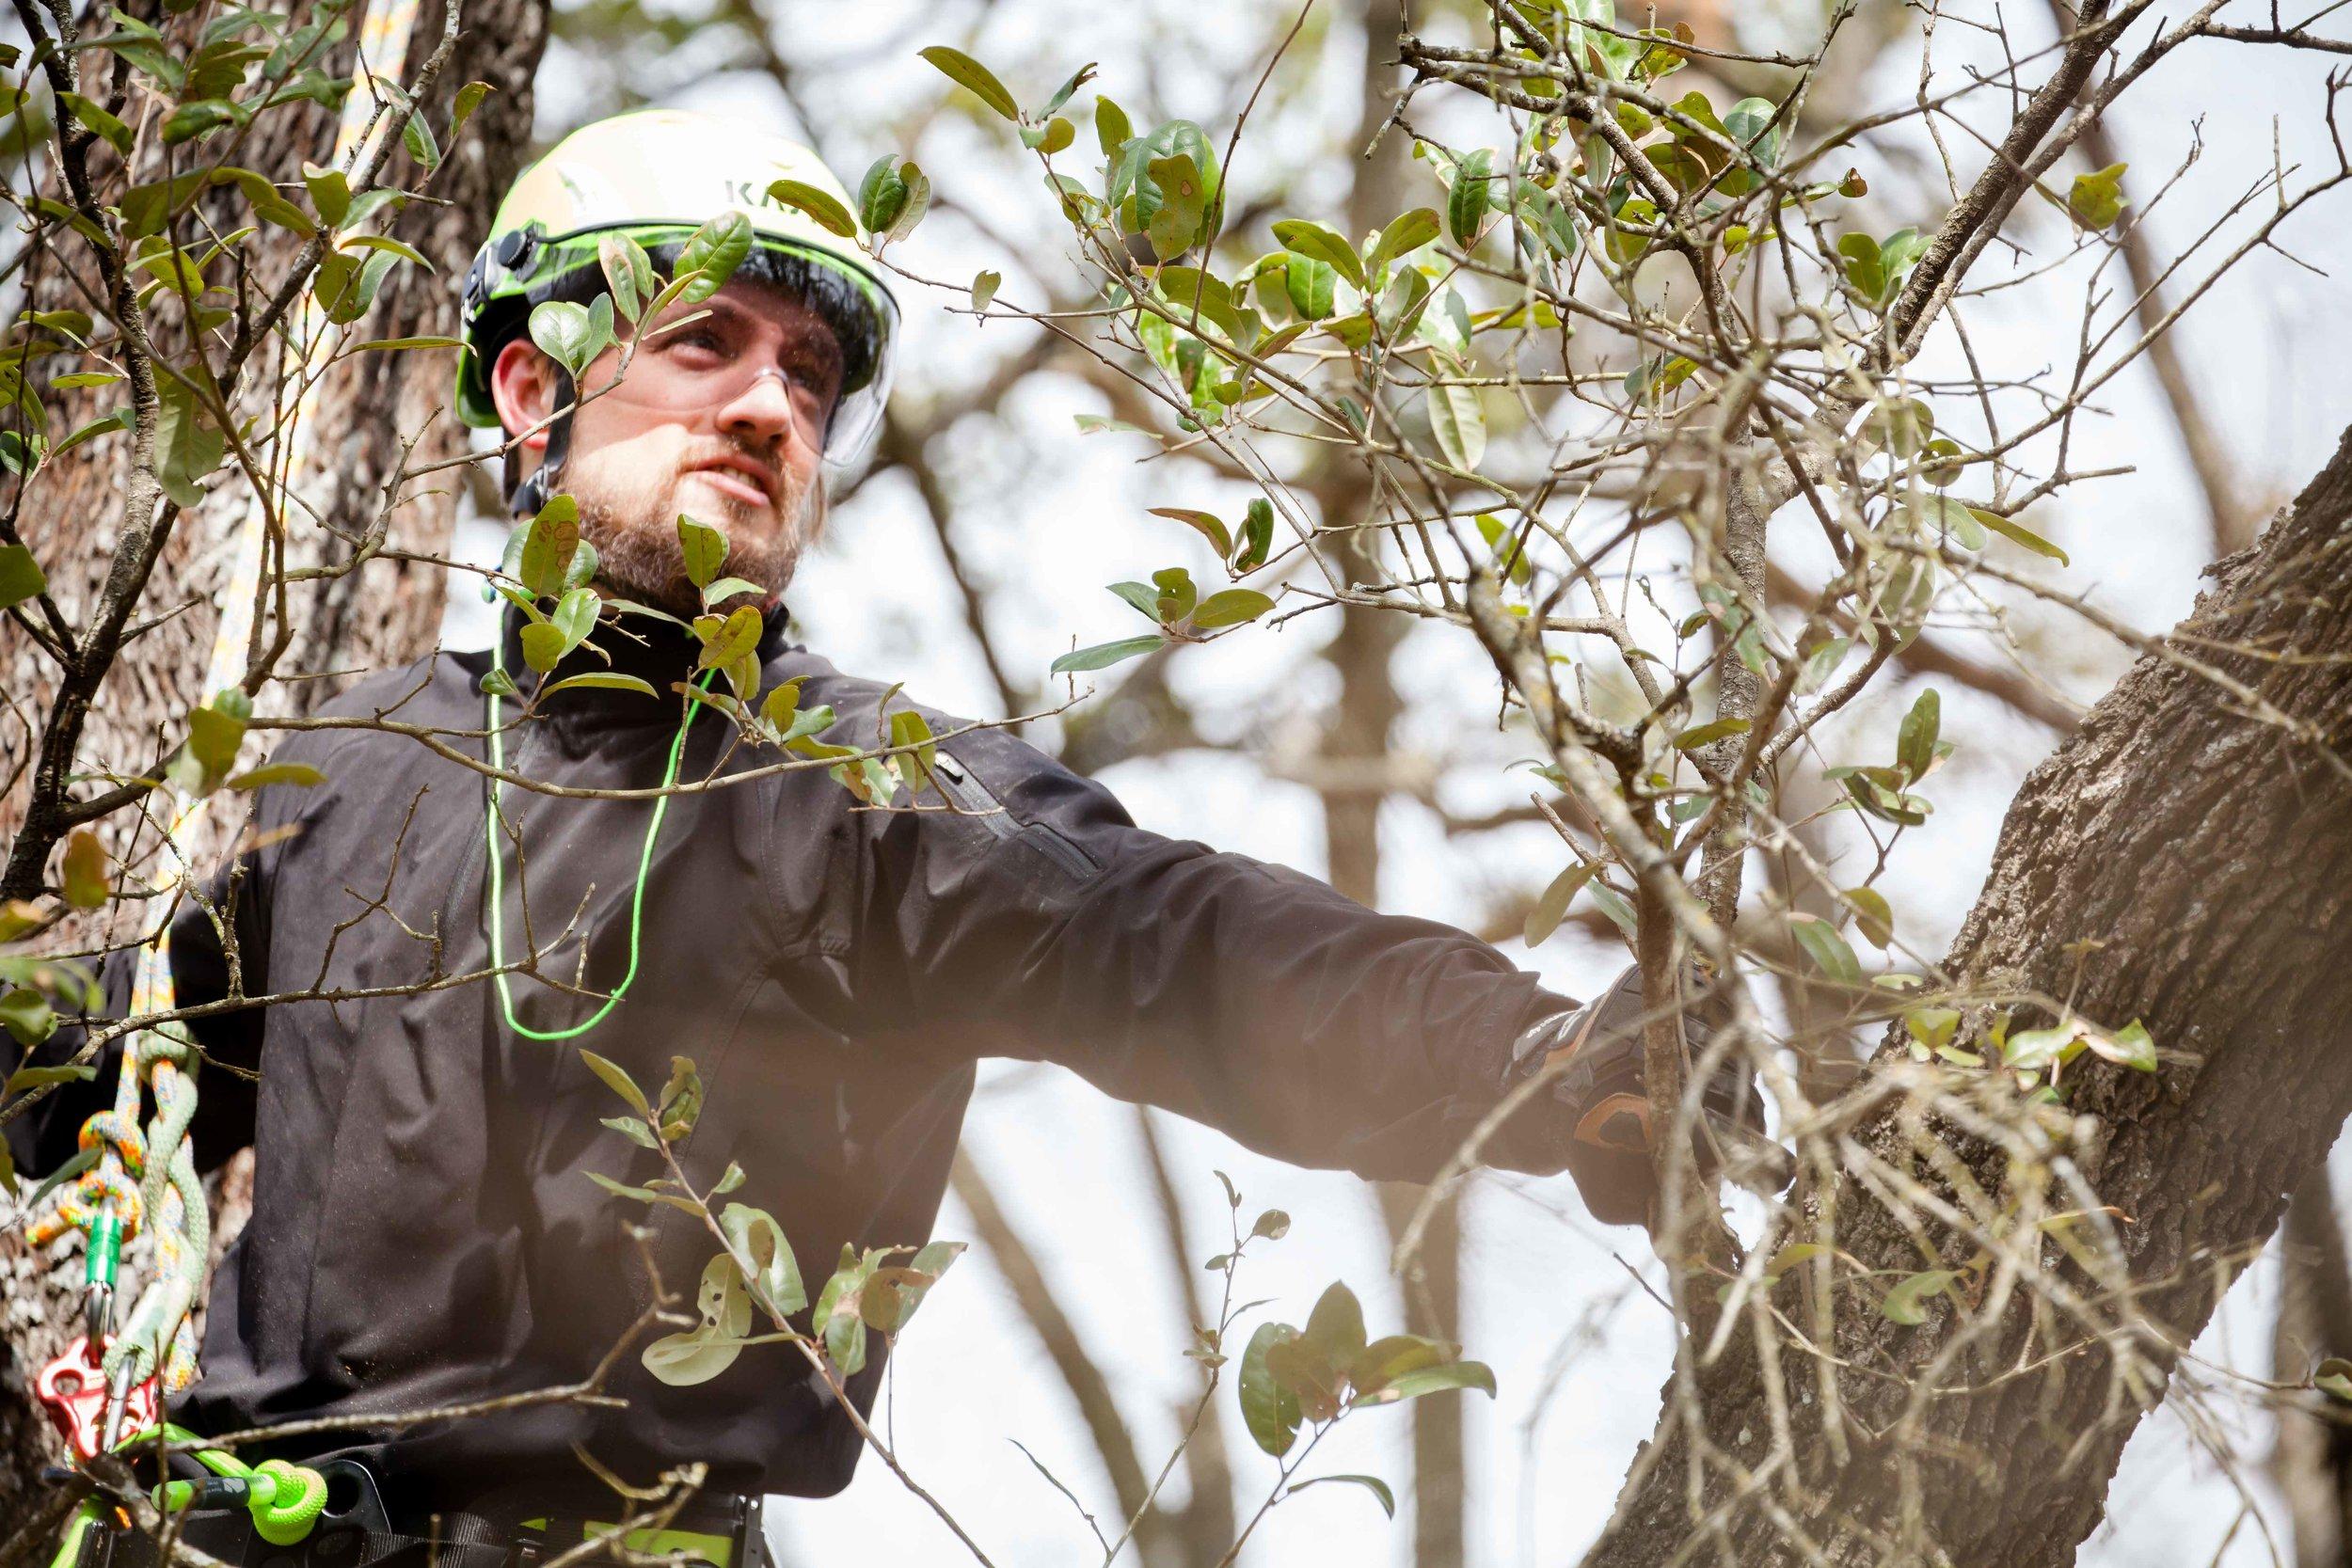 Joe Loomis Texas Arborist